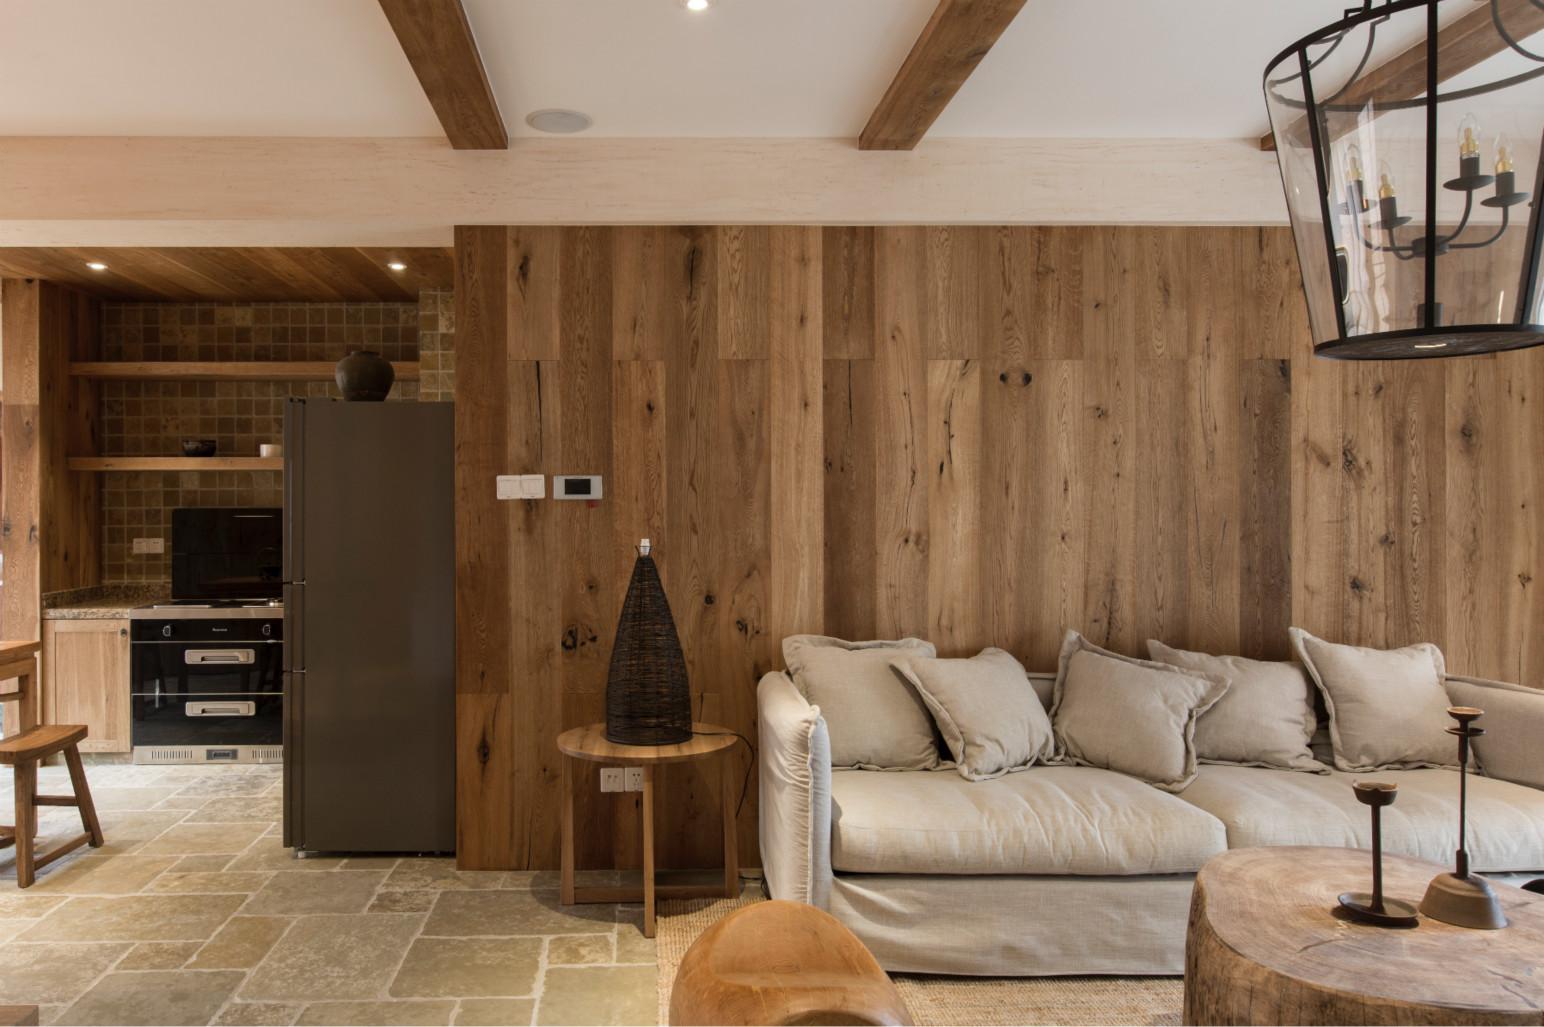 客厅以原木家居为主,整体很简约舒适,有家的温馨的感觉